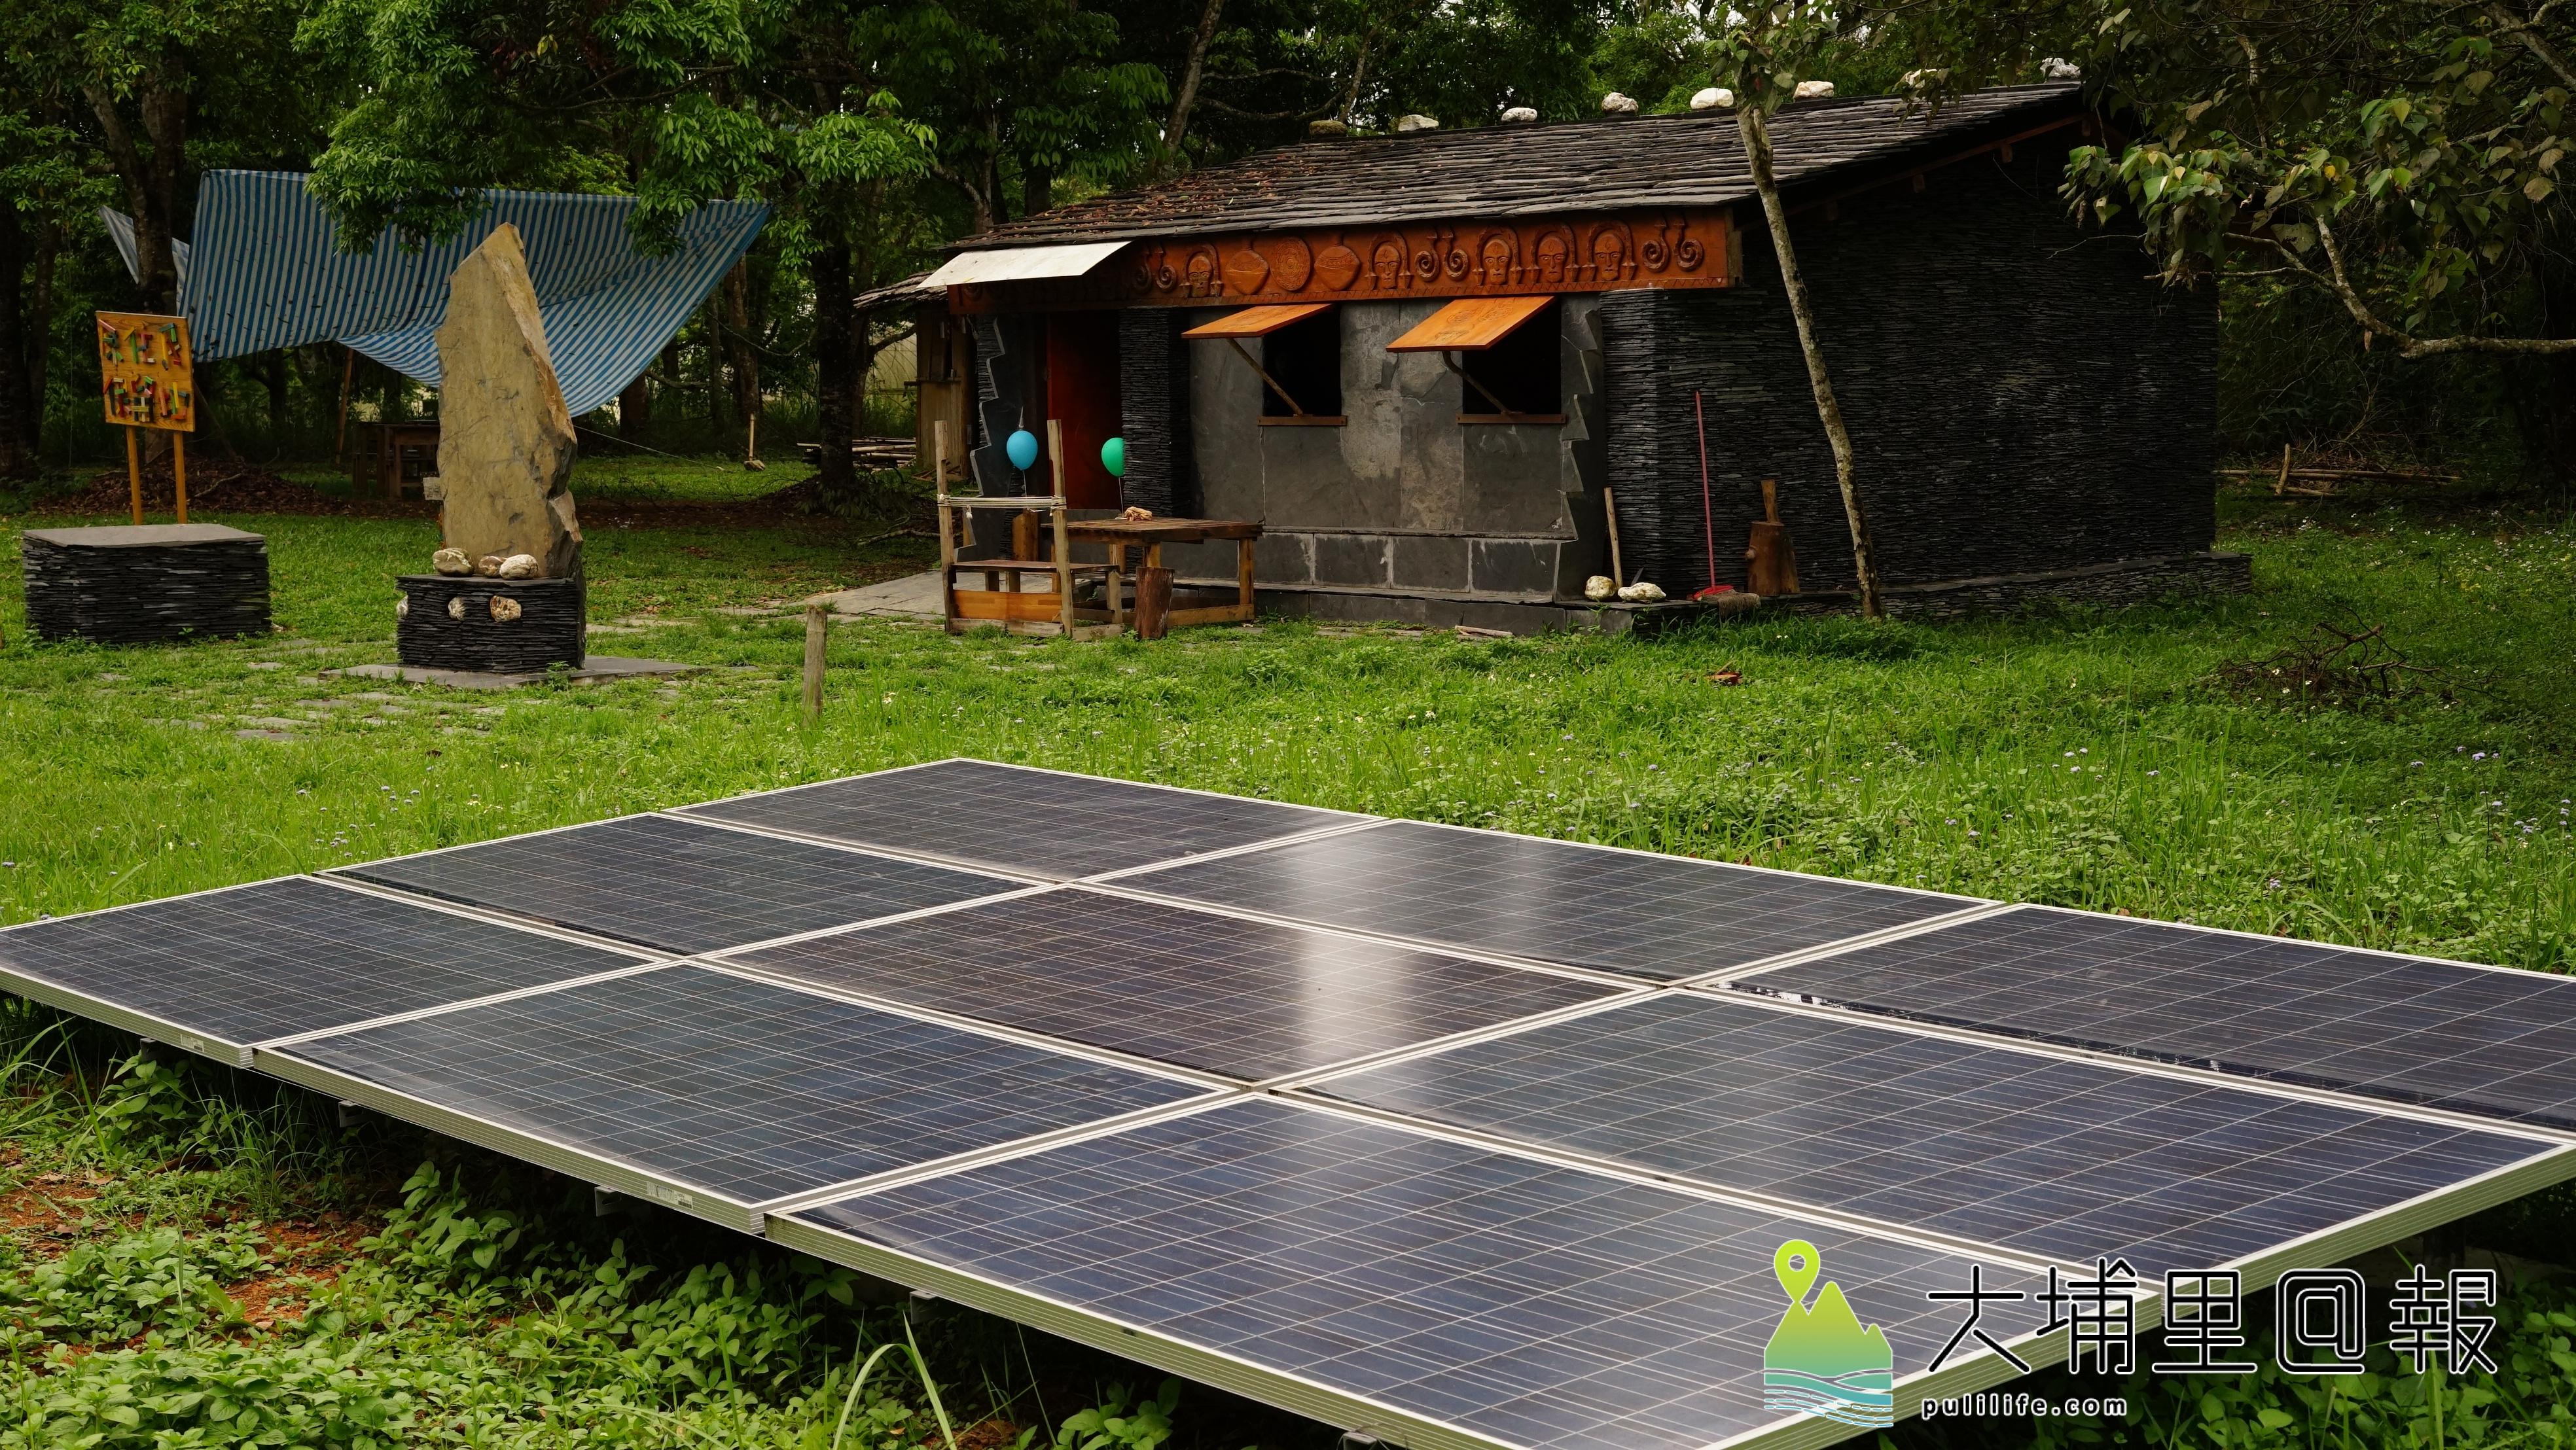 原住民本就是大自然的子民,取之自然,用之自然。現代太陽能發電也是同樣概念,都是以永續發展為立基的應用。(唐淑惠攝)